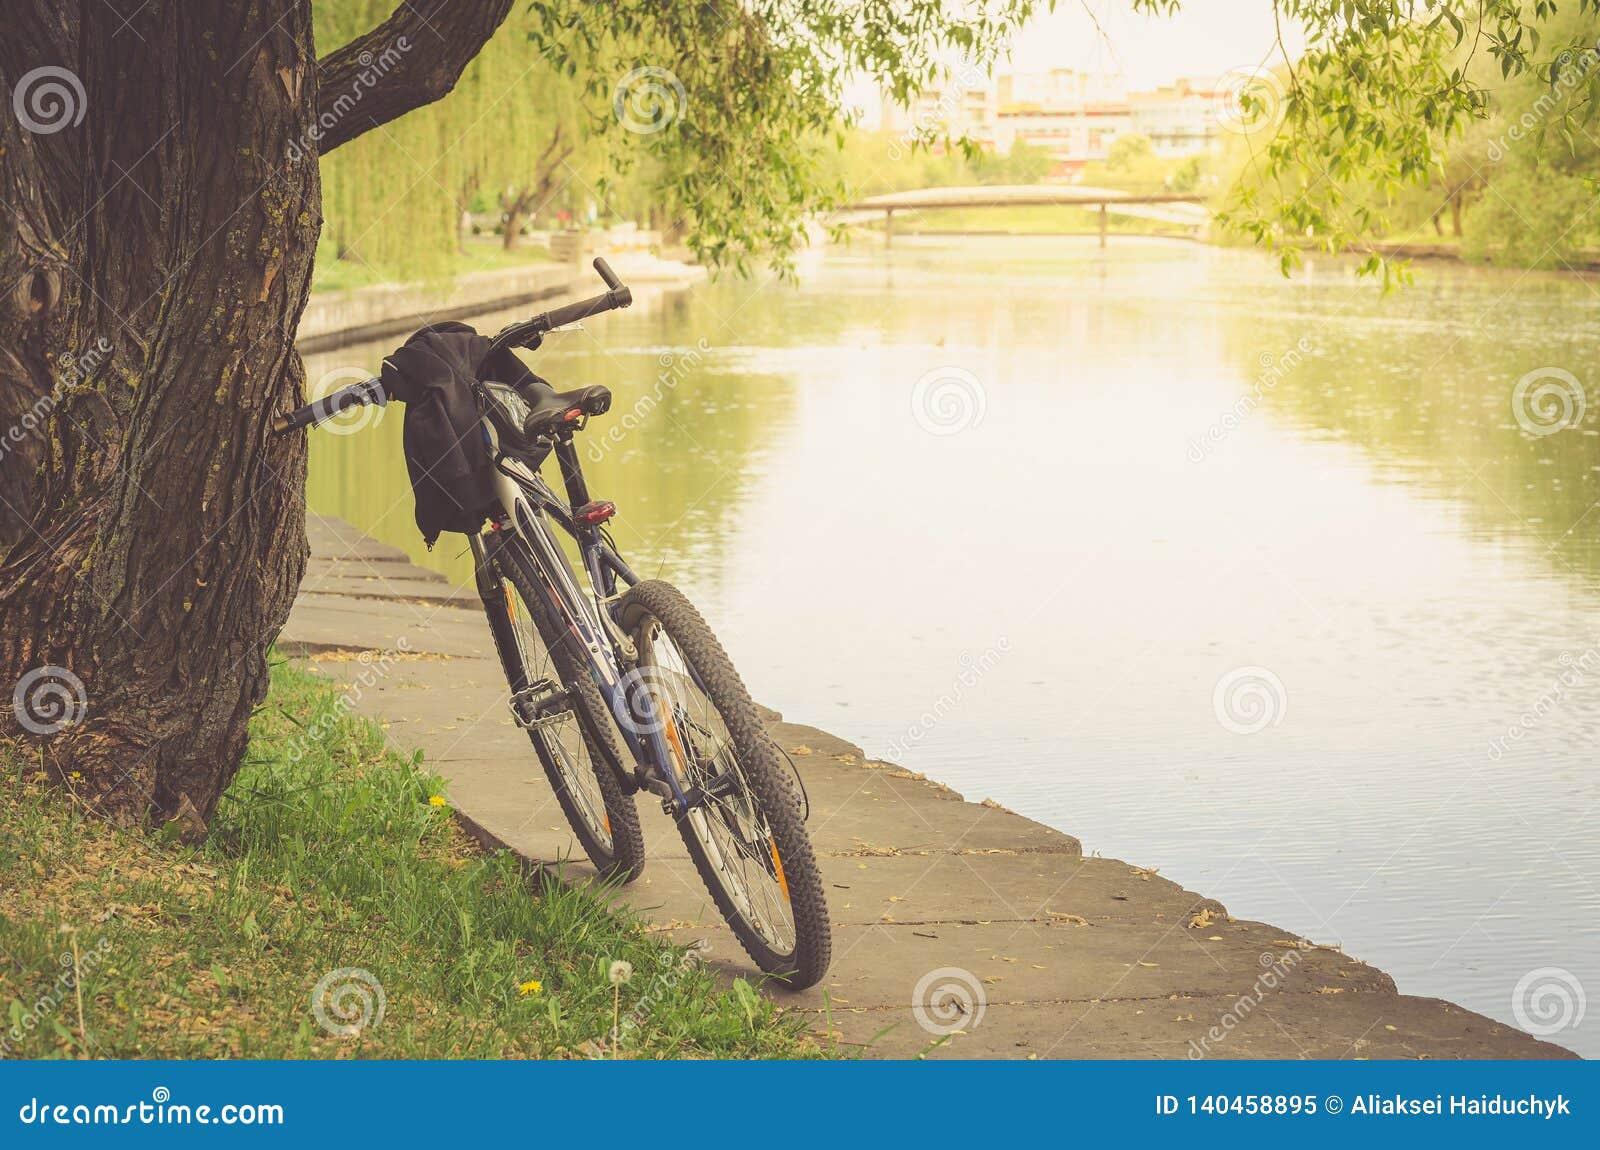 Trilha da bicicleta no parque perto do rio/caminhada pela bicicleta perto do rio